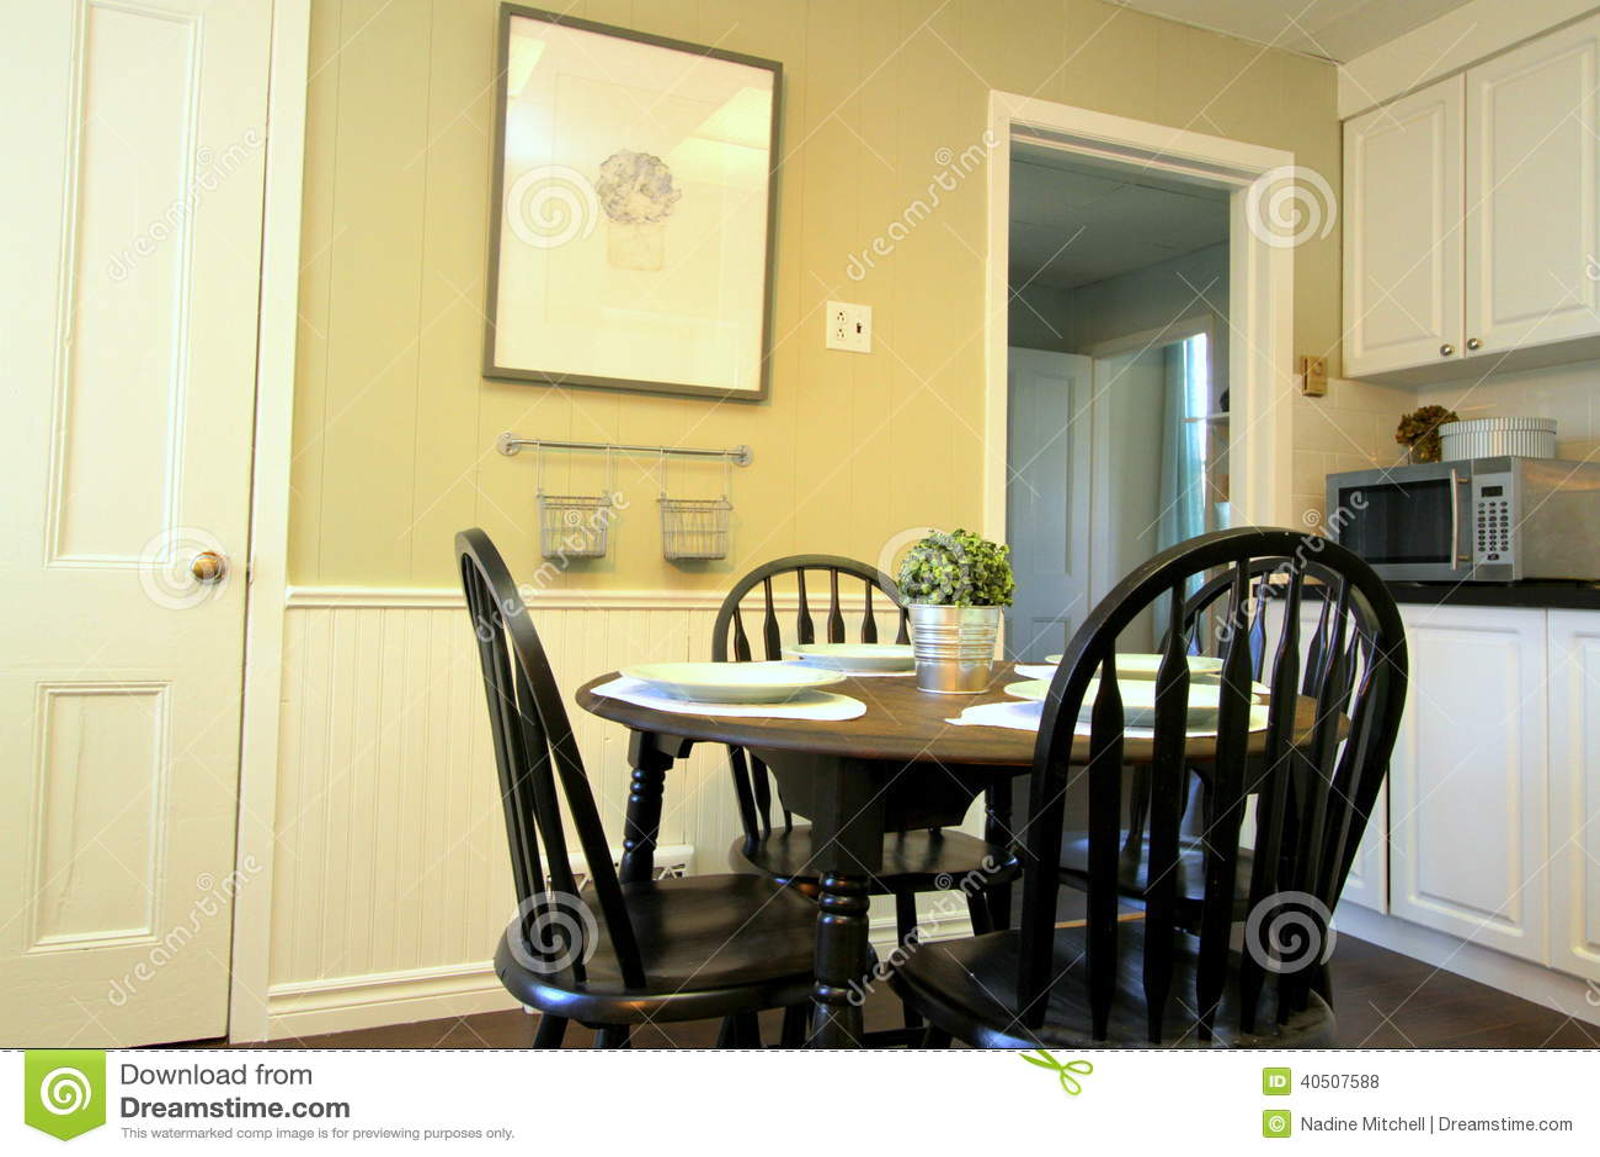 Küche Mit Weißen Kabinetten Und Rundtisch Und Stühle Stockfoto ...